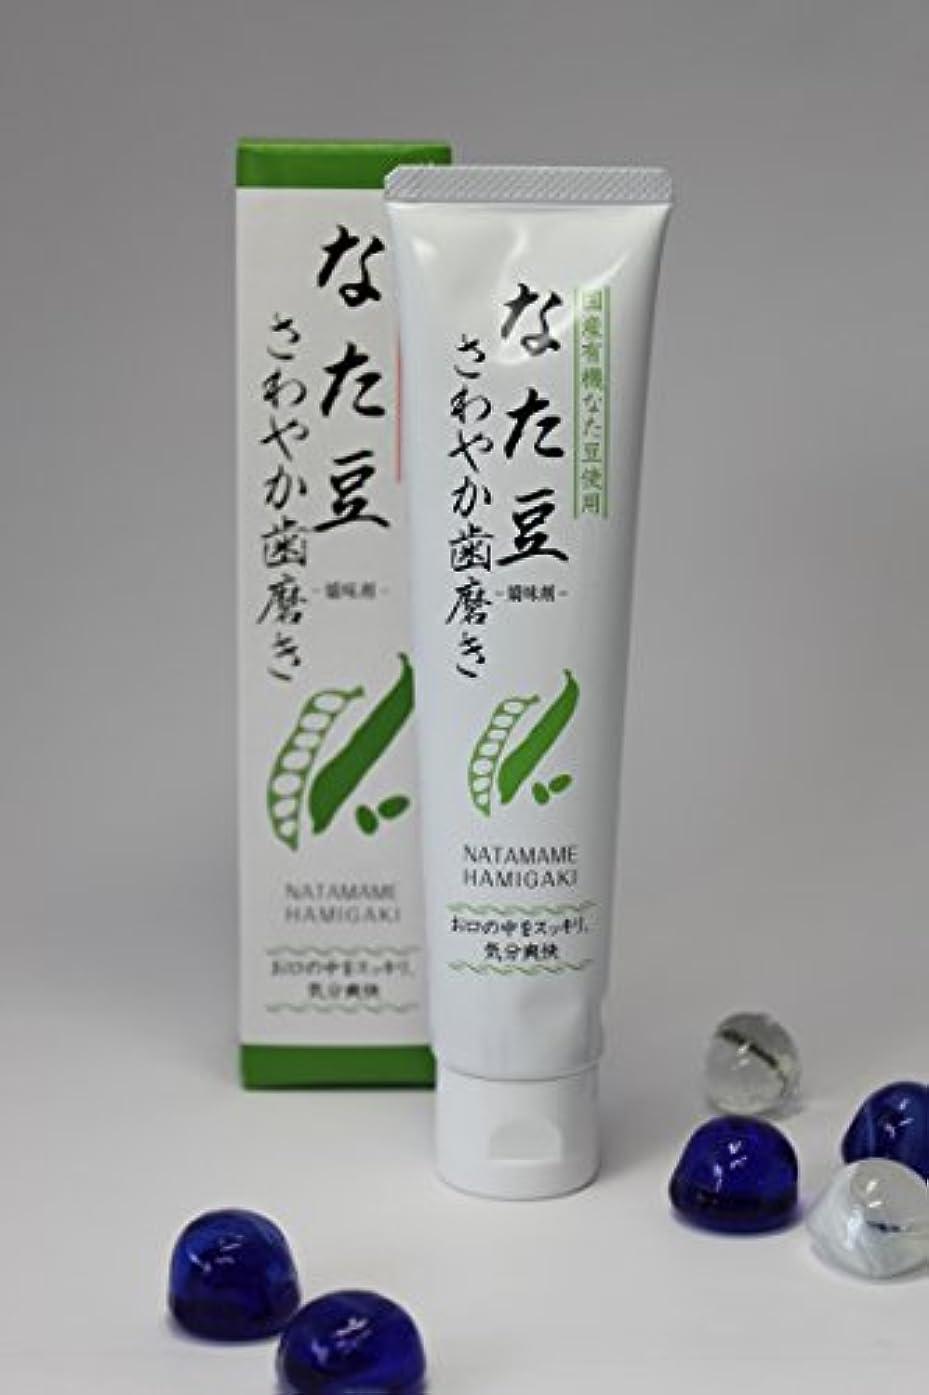 ガチョウ要旨ささやきアスカ(大阪) なた豆さわやか歯磨き 120g